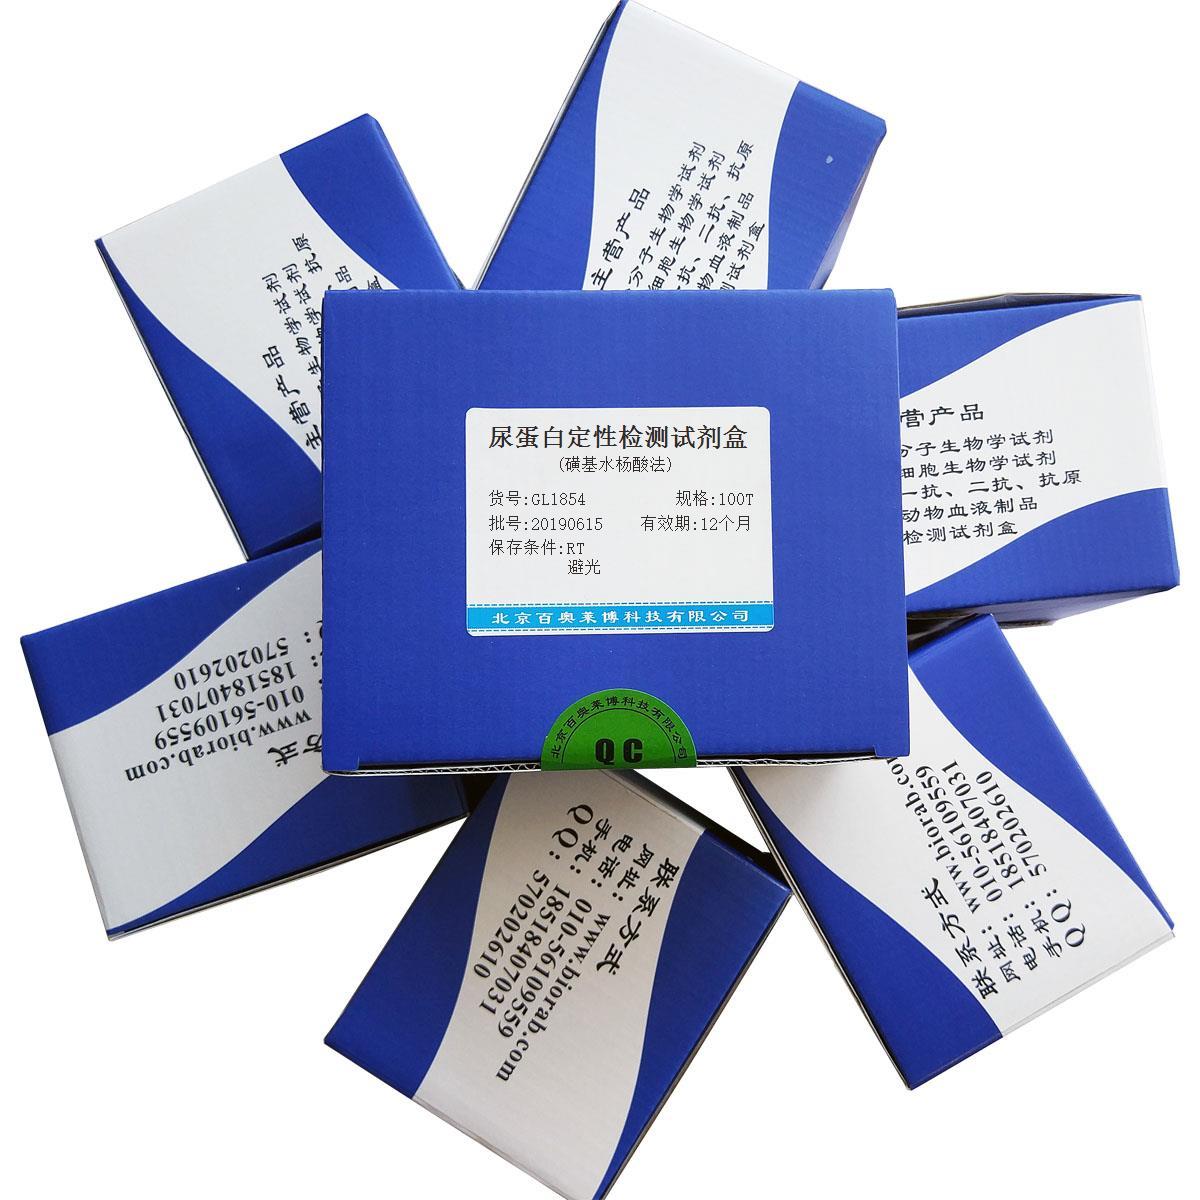 尿蛋白定性检测试剂盒(磺基水杨酸法)北京厂家